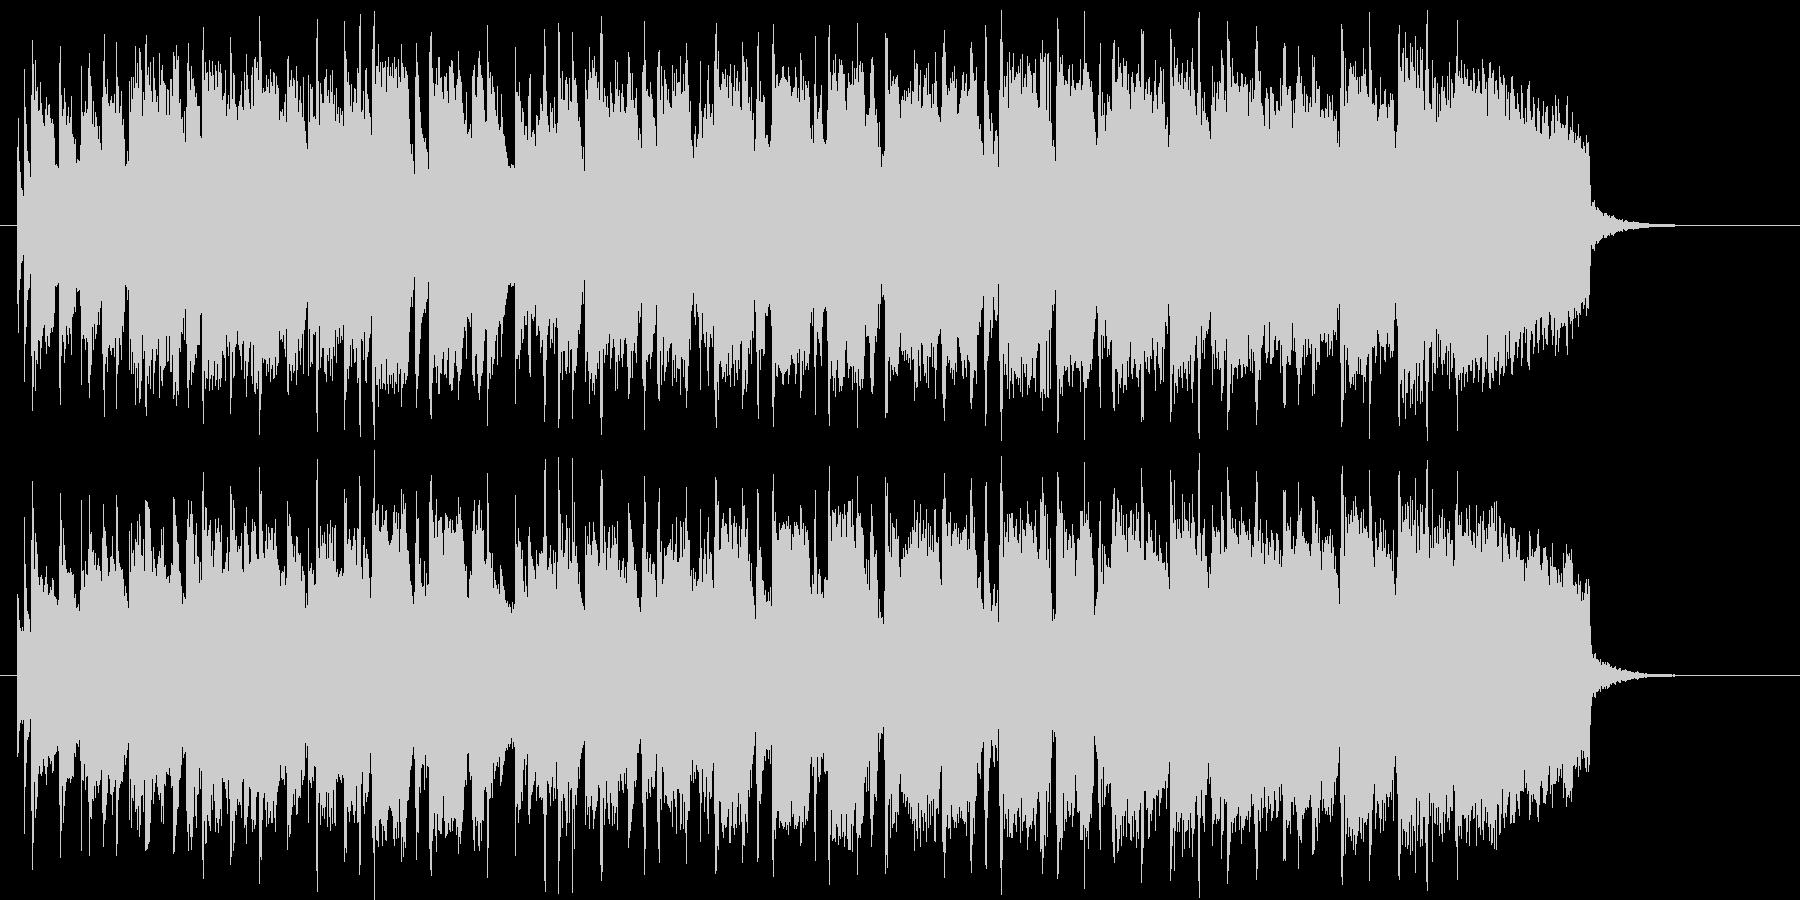 明るく可愛らしいシンセサイザーの曲の未再生の波形